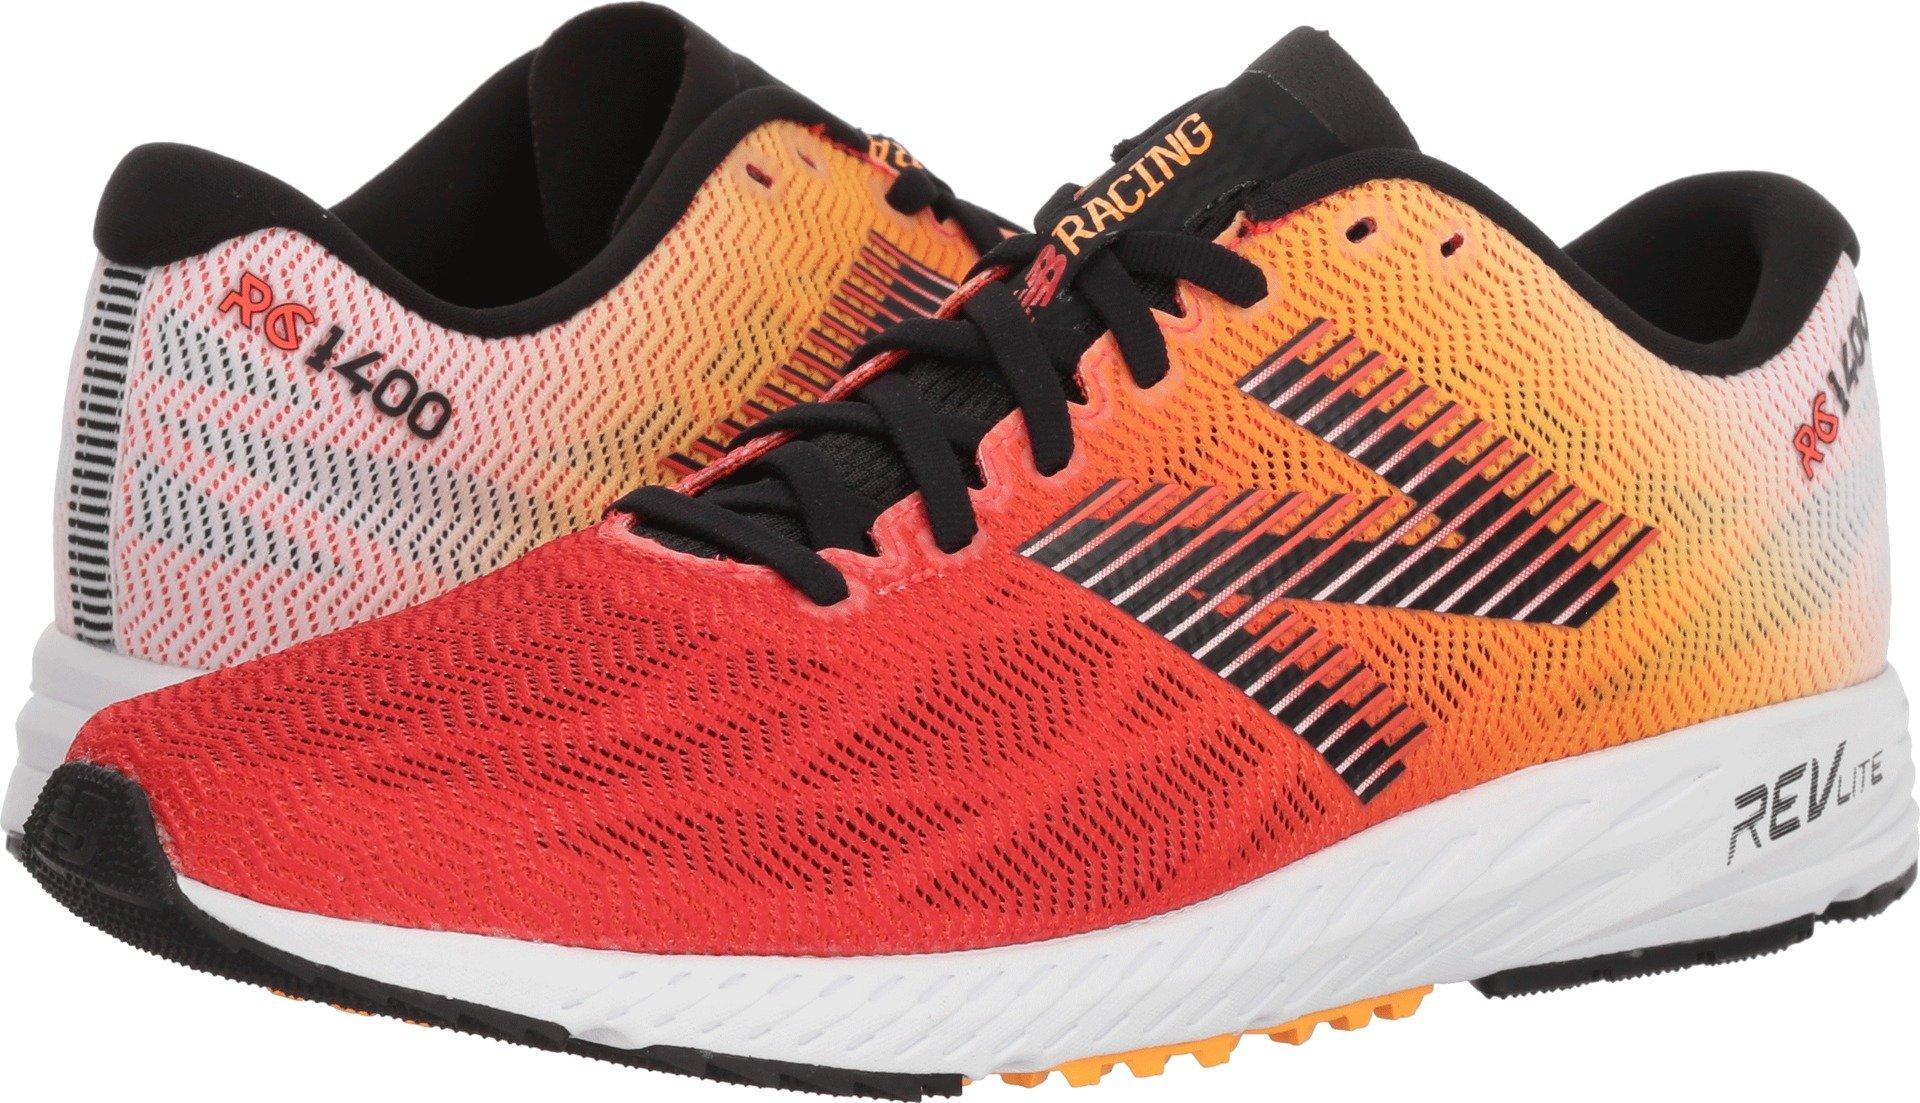 the latest 1d48b f413f New Balance Men's 1400v6 Running Shoe, White/Orange, 9 D US